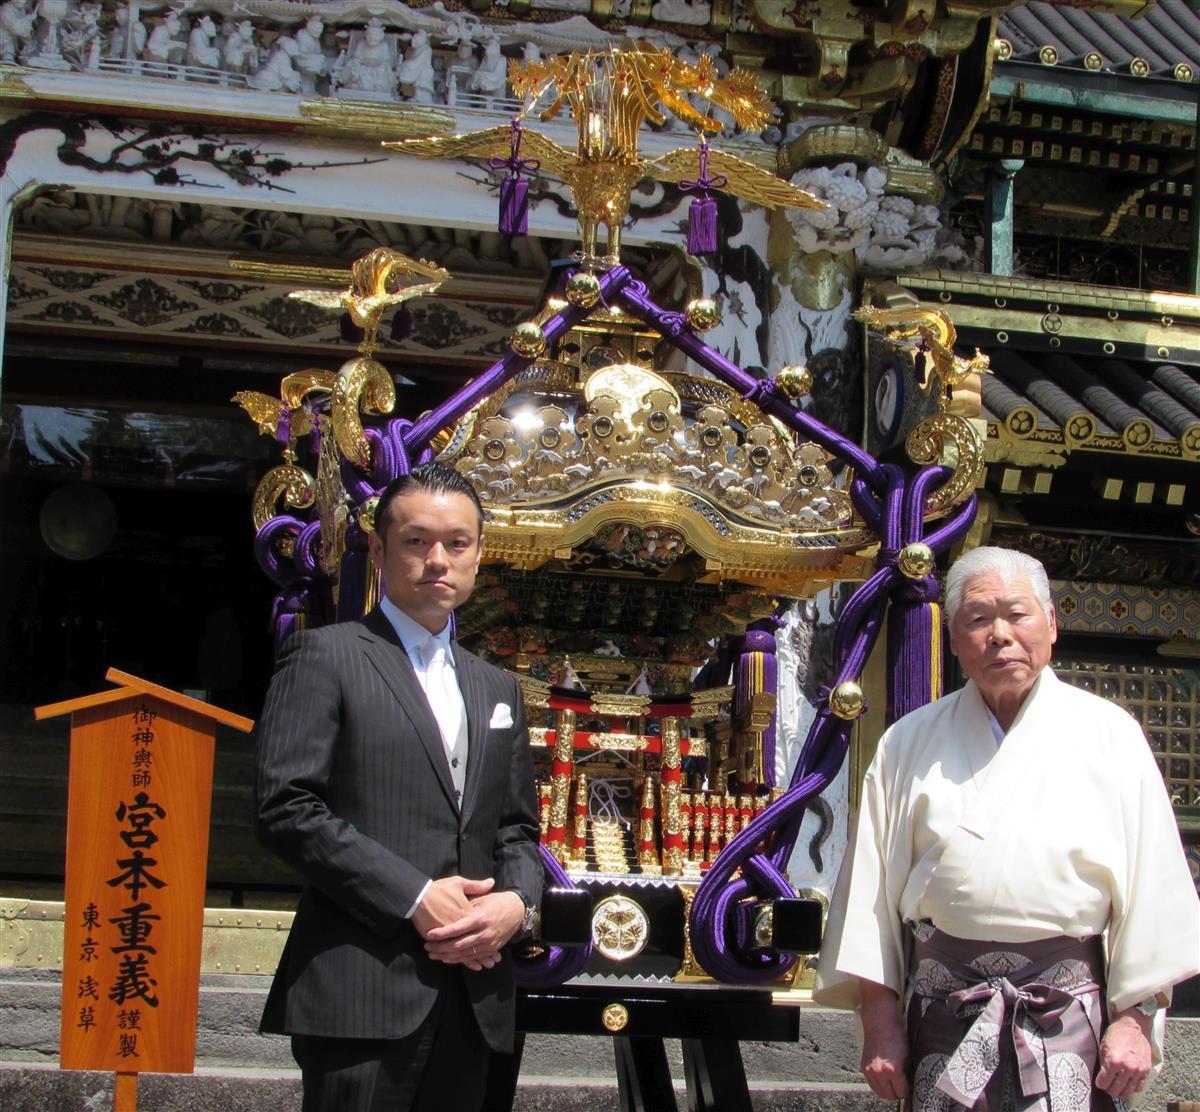 三日月の小高代表(左)と日光東照宮の稲葉久雄宮司